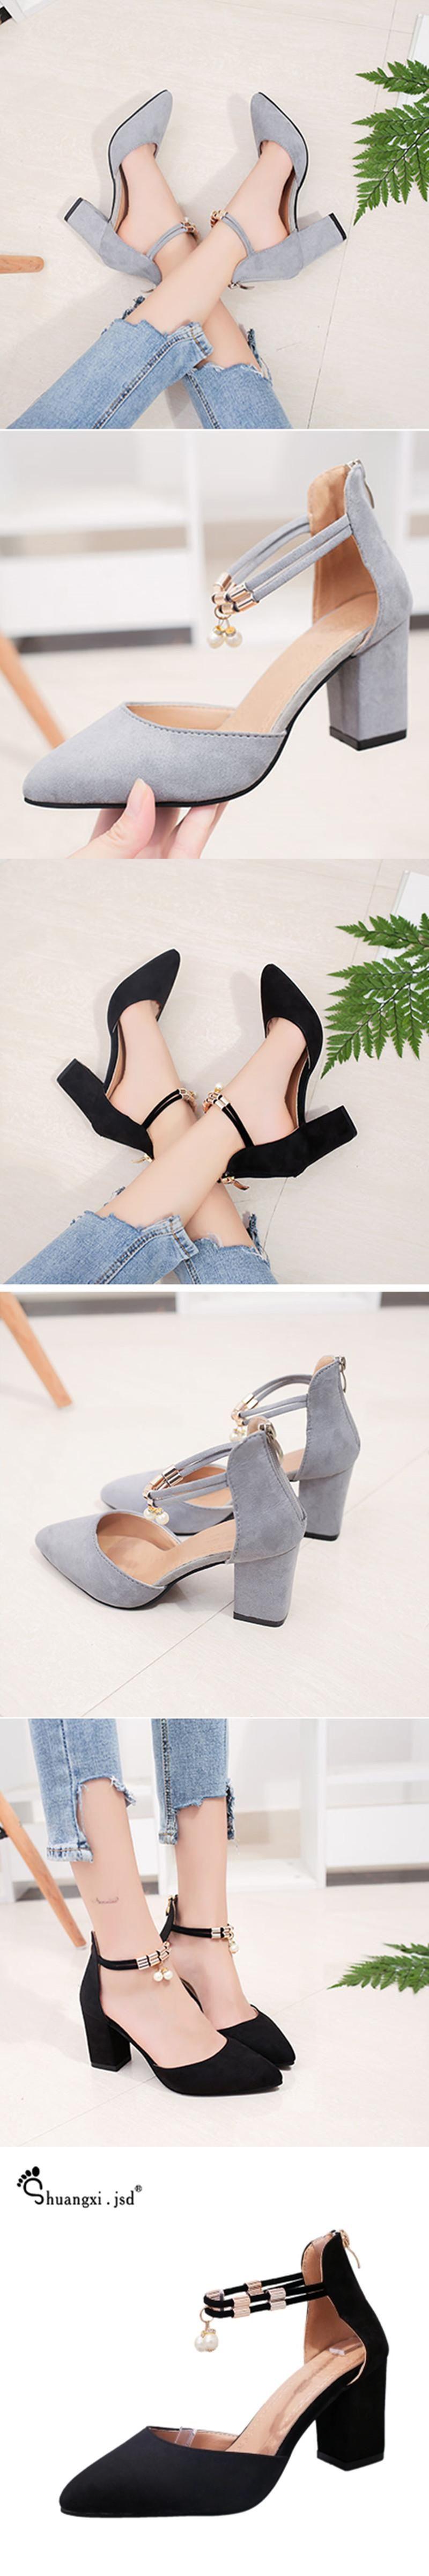 28c6ebddfd80 Shuangxi.jsd Shoes Woman High Heels 2017 Summer Women Shoes Fashion Shallow  Mouth High Heels